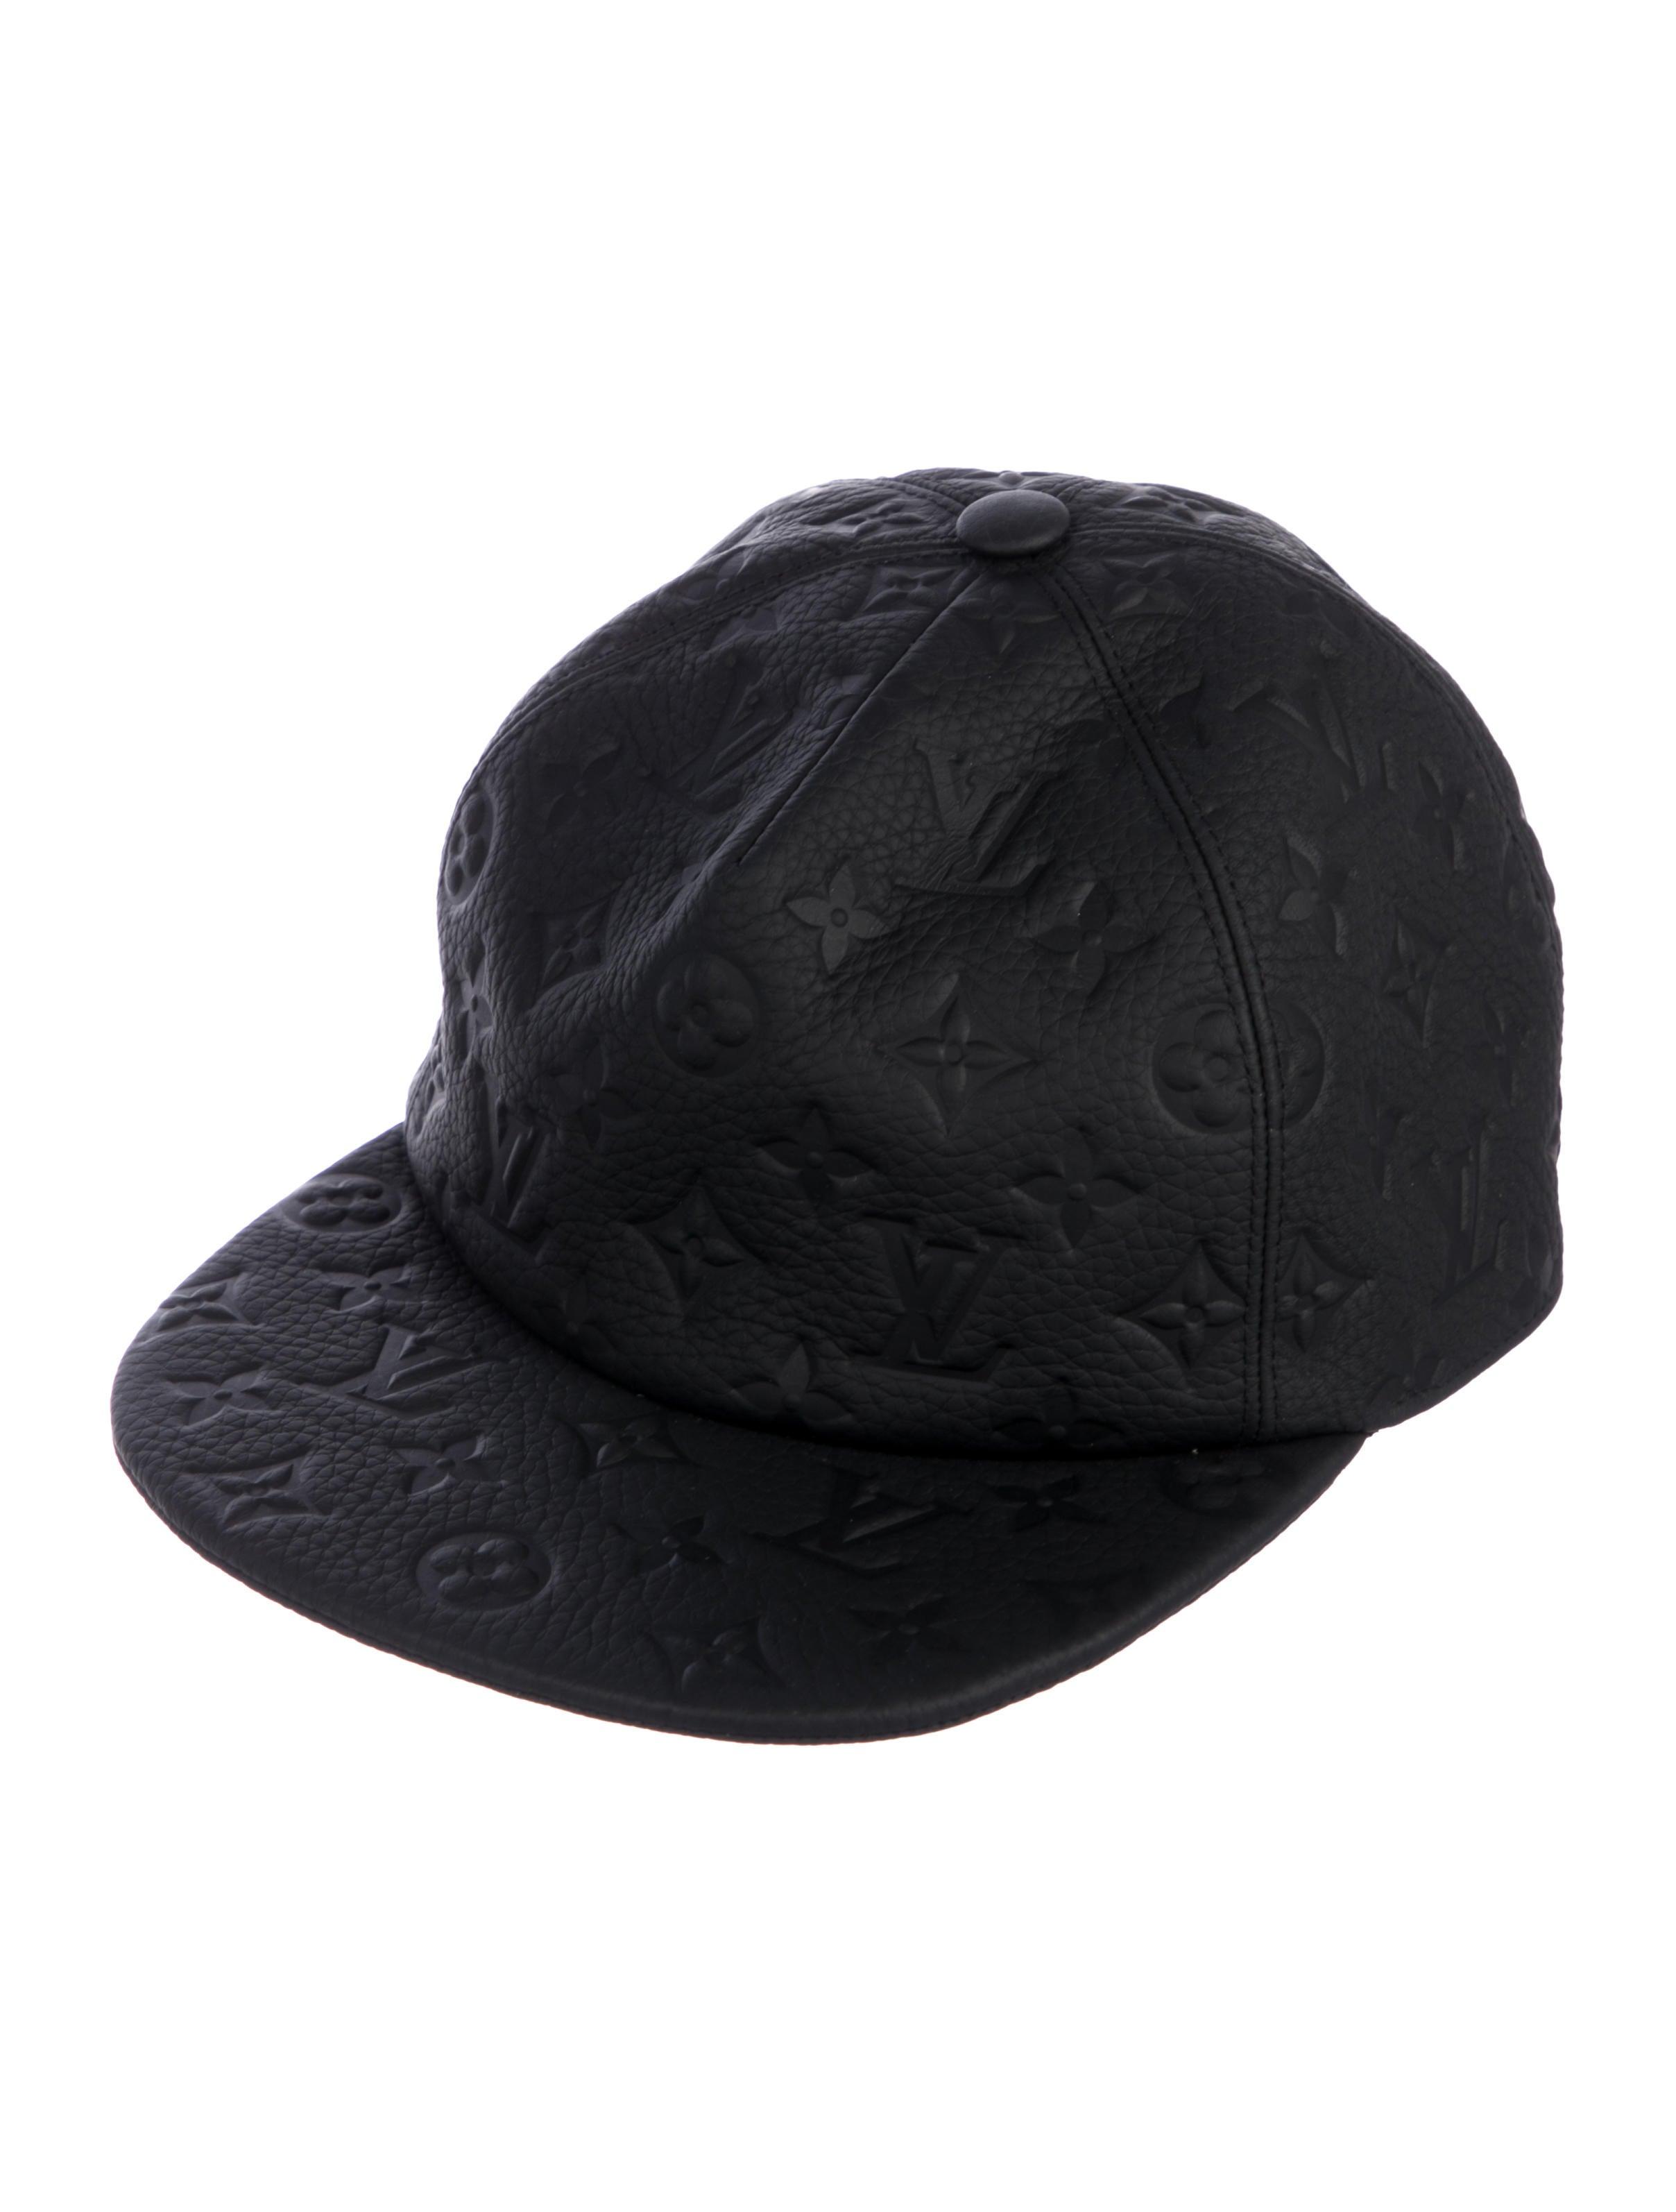 0d83f06c2e9 Louis Vuitton 2019 1.0 Monogram Leather Cap w  Tags - Accessories ...